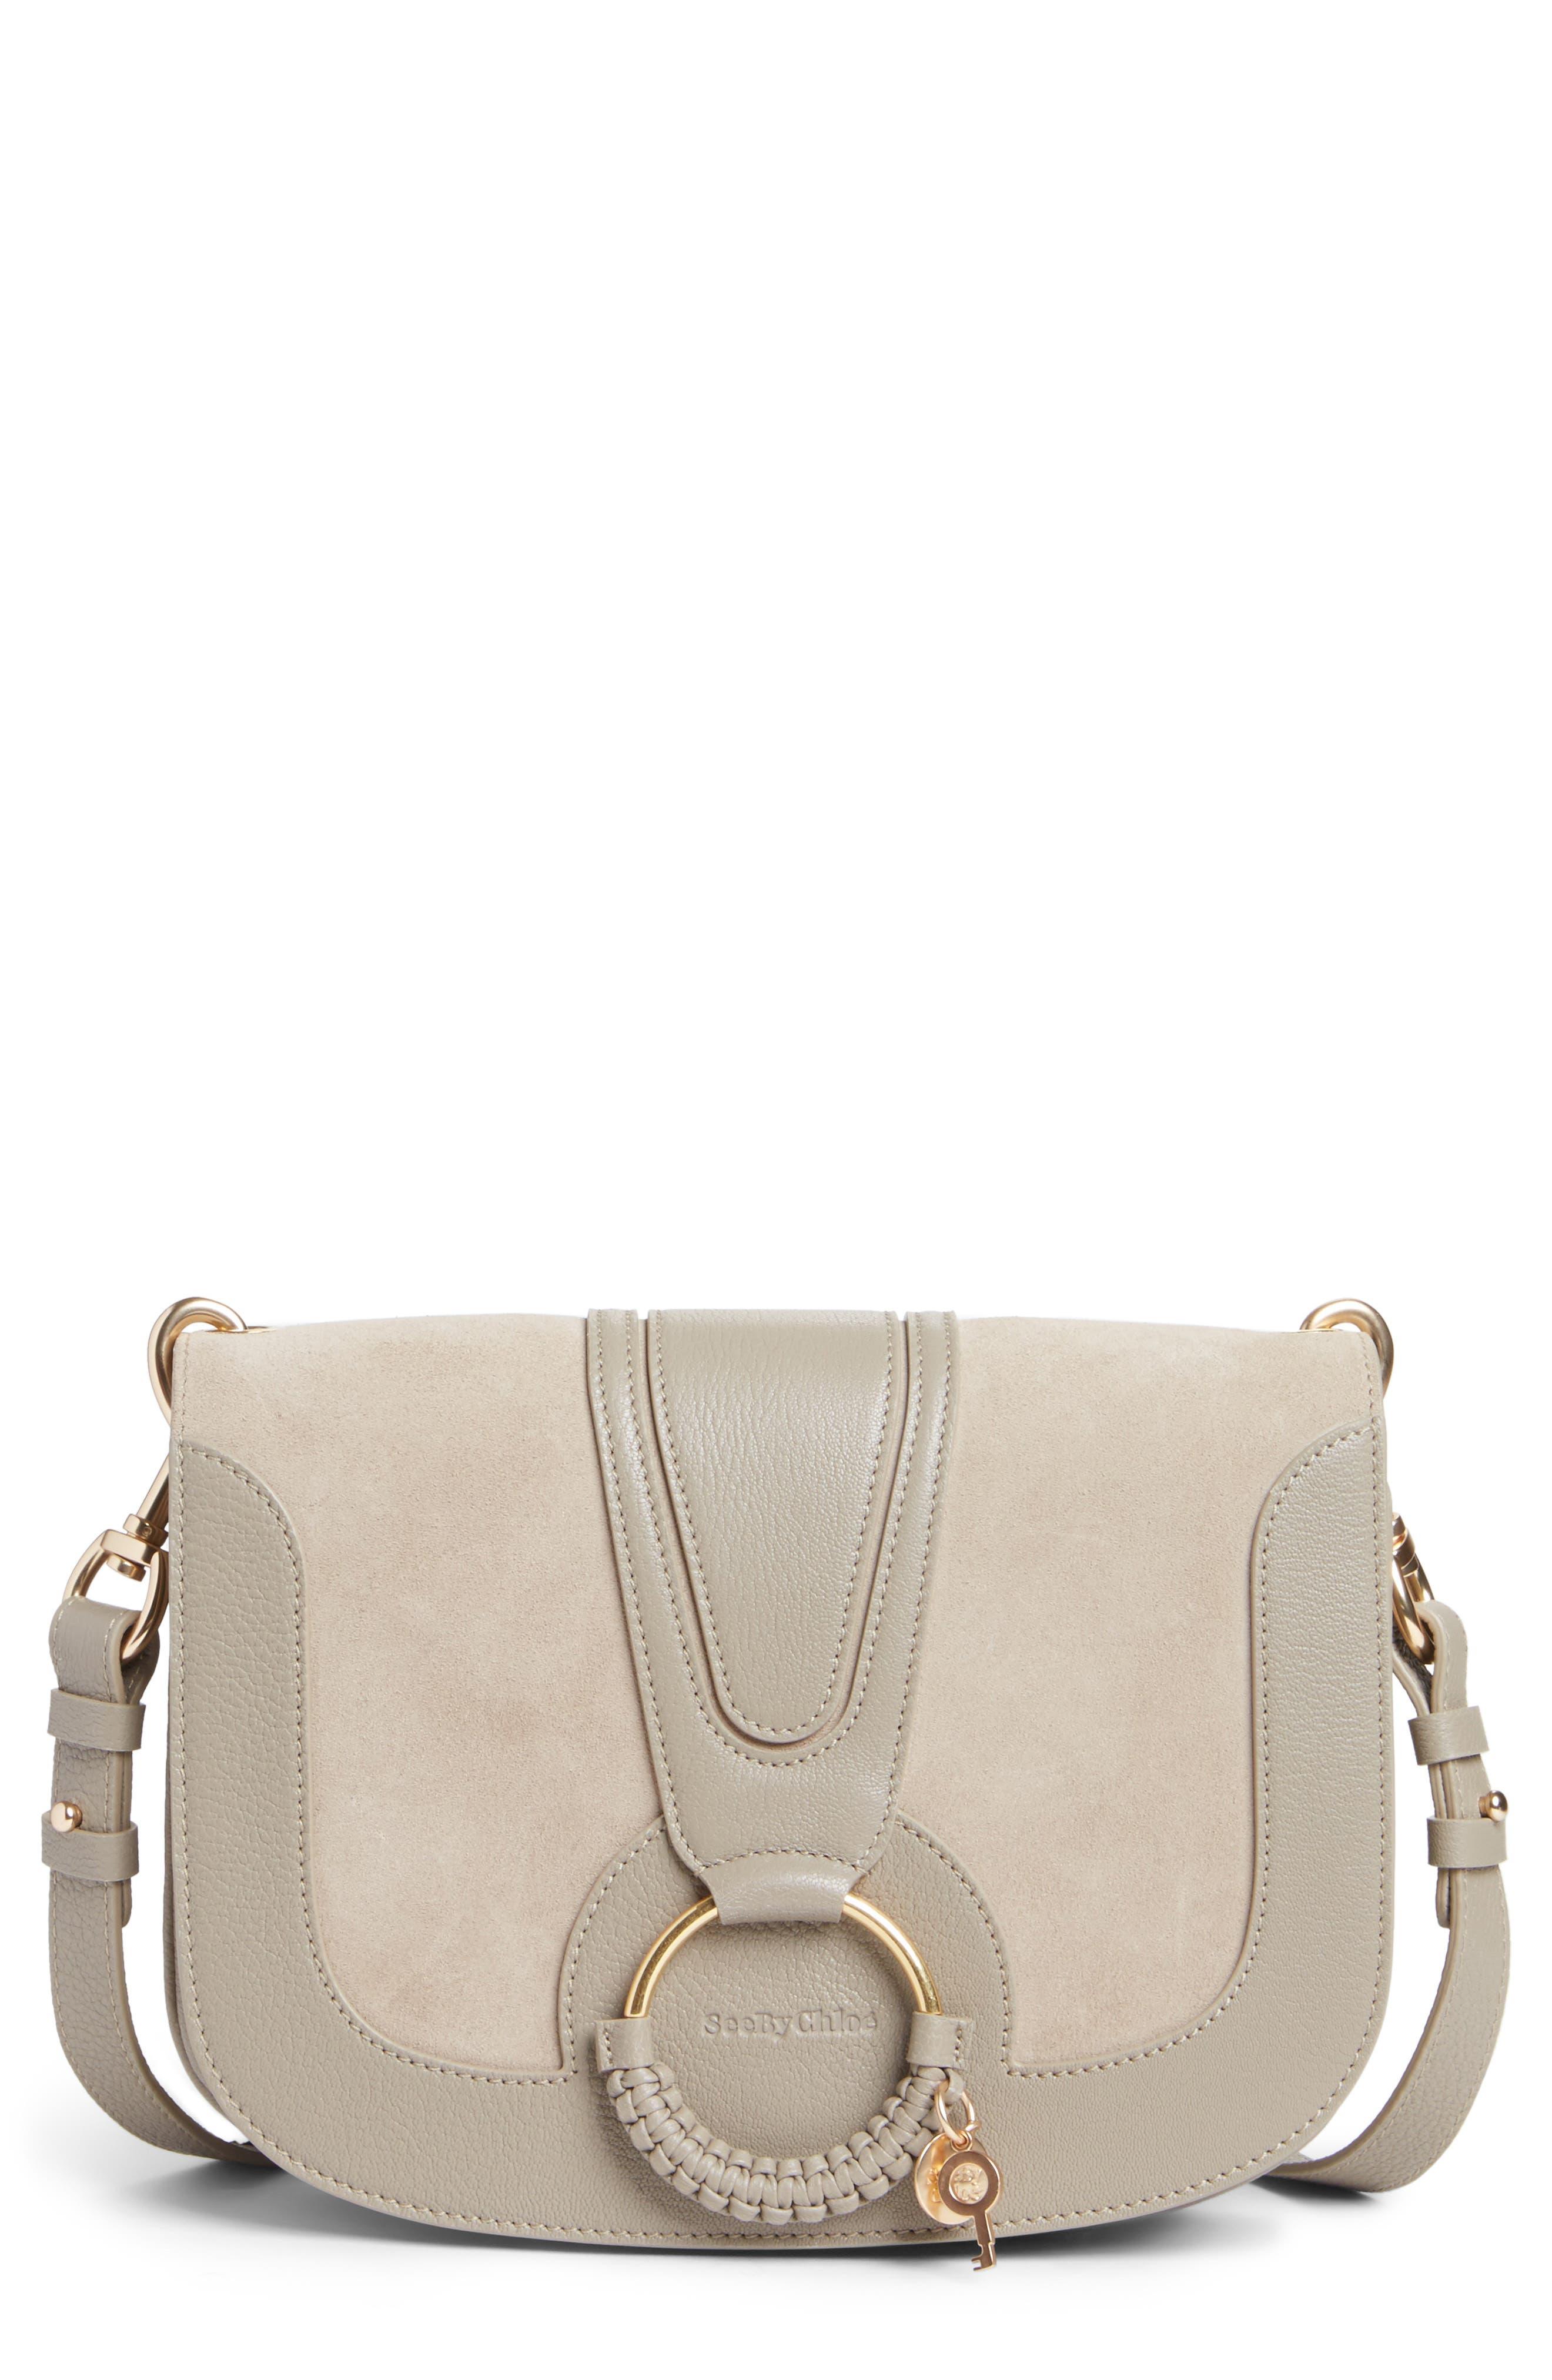 See by Chloé Medium Hana Leather Crossbody Bag